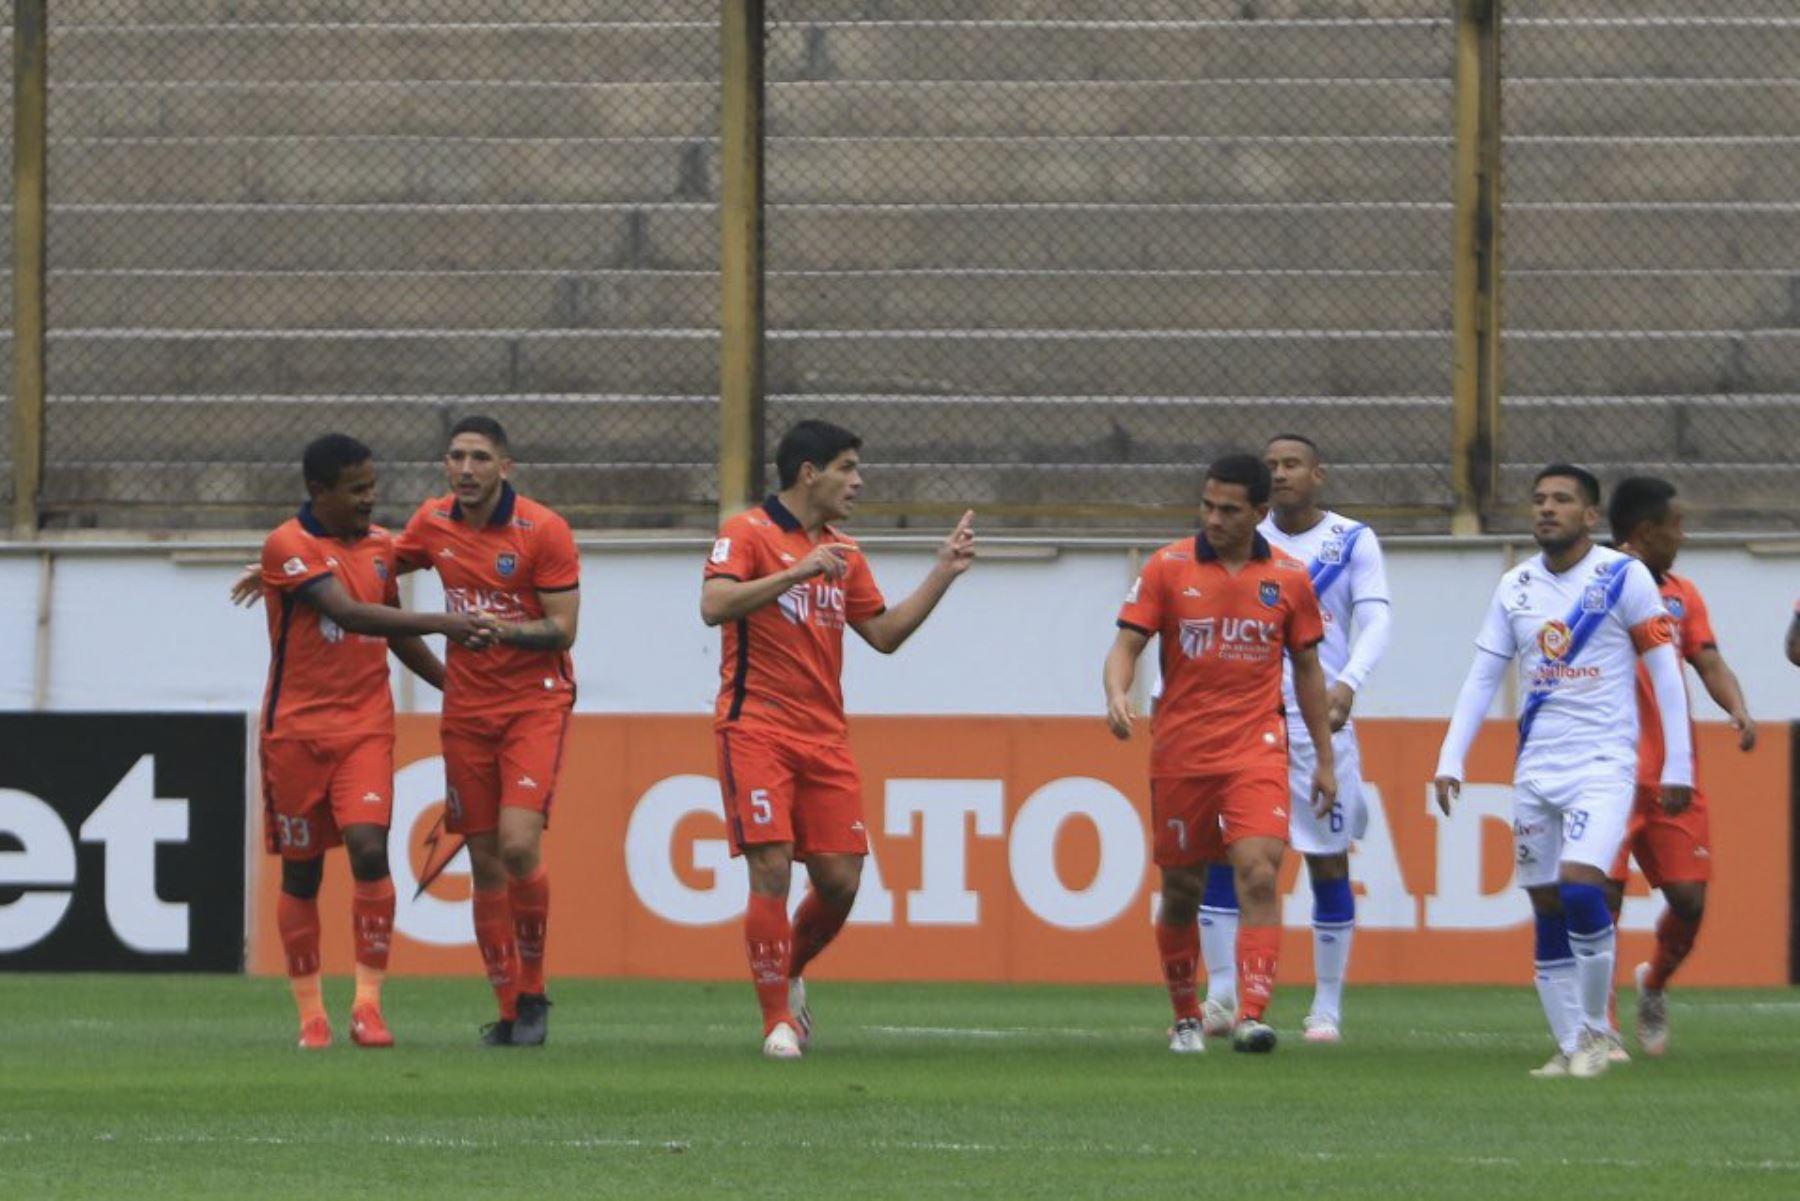 Un autogol de José Guidino le da el 1-0 a UCV sobre Alianza Sullana durante partido por la tercera fecha la Liga 1, en el Estadio Monumental. Foto: Liga 1